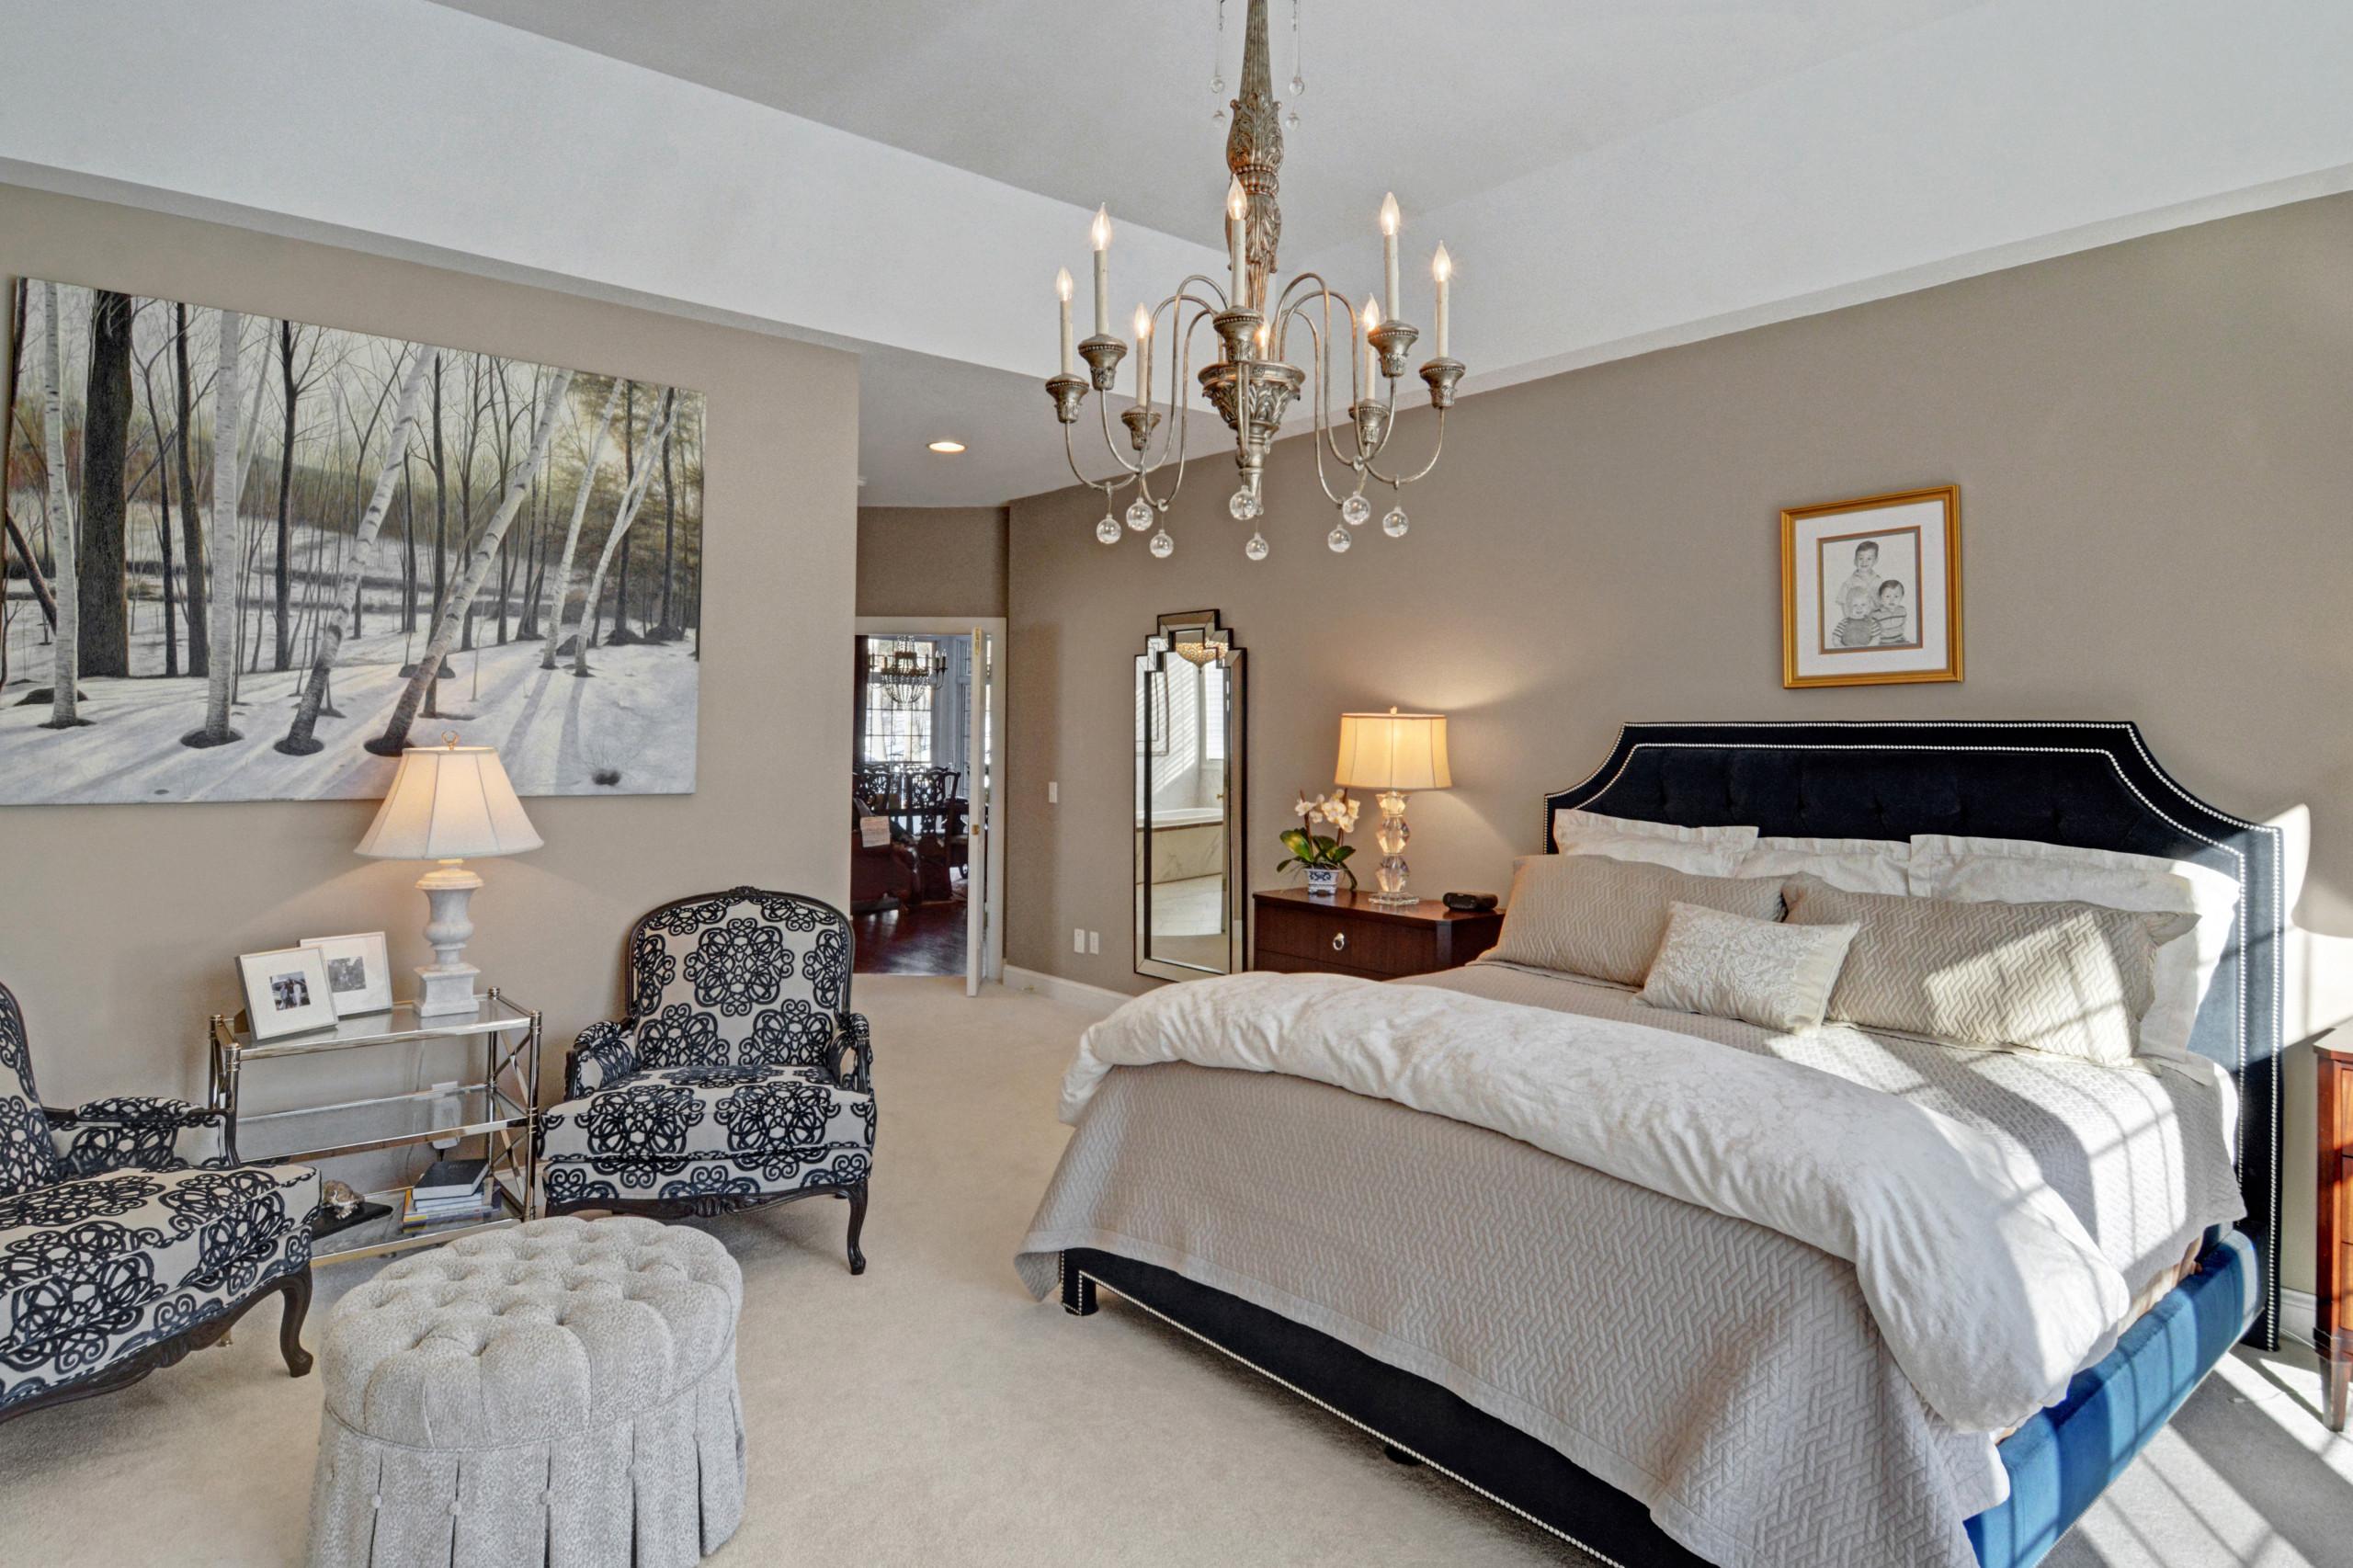 Transitional Master Bedroom After Design